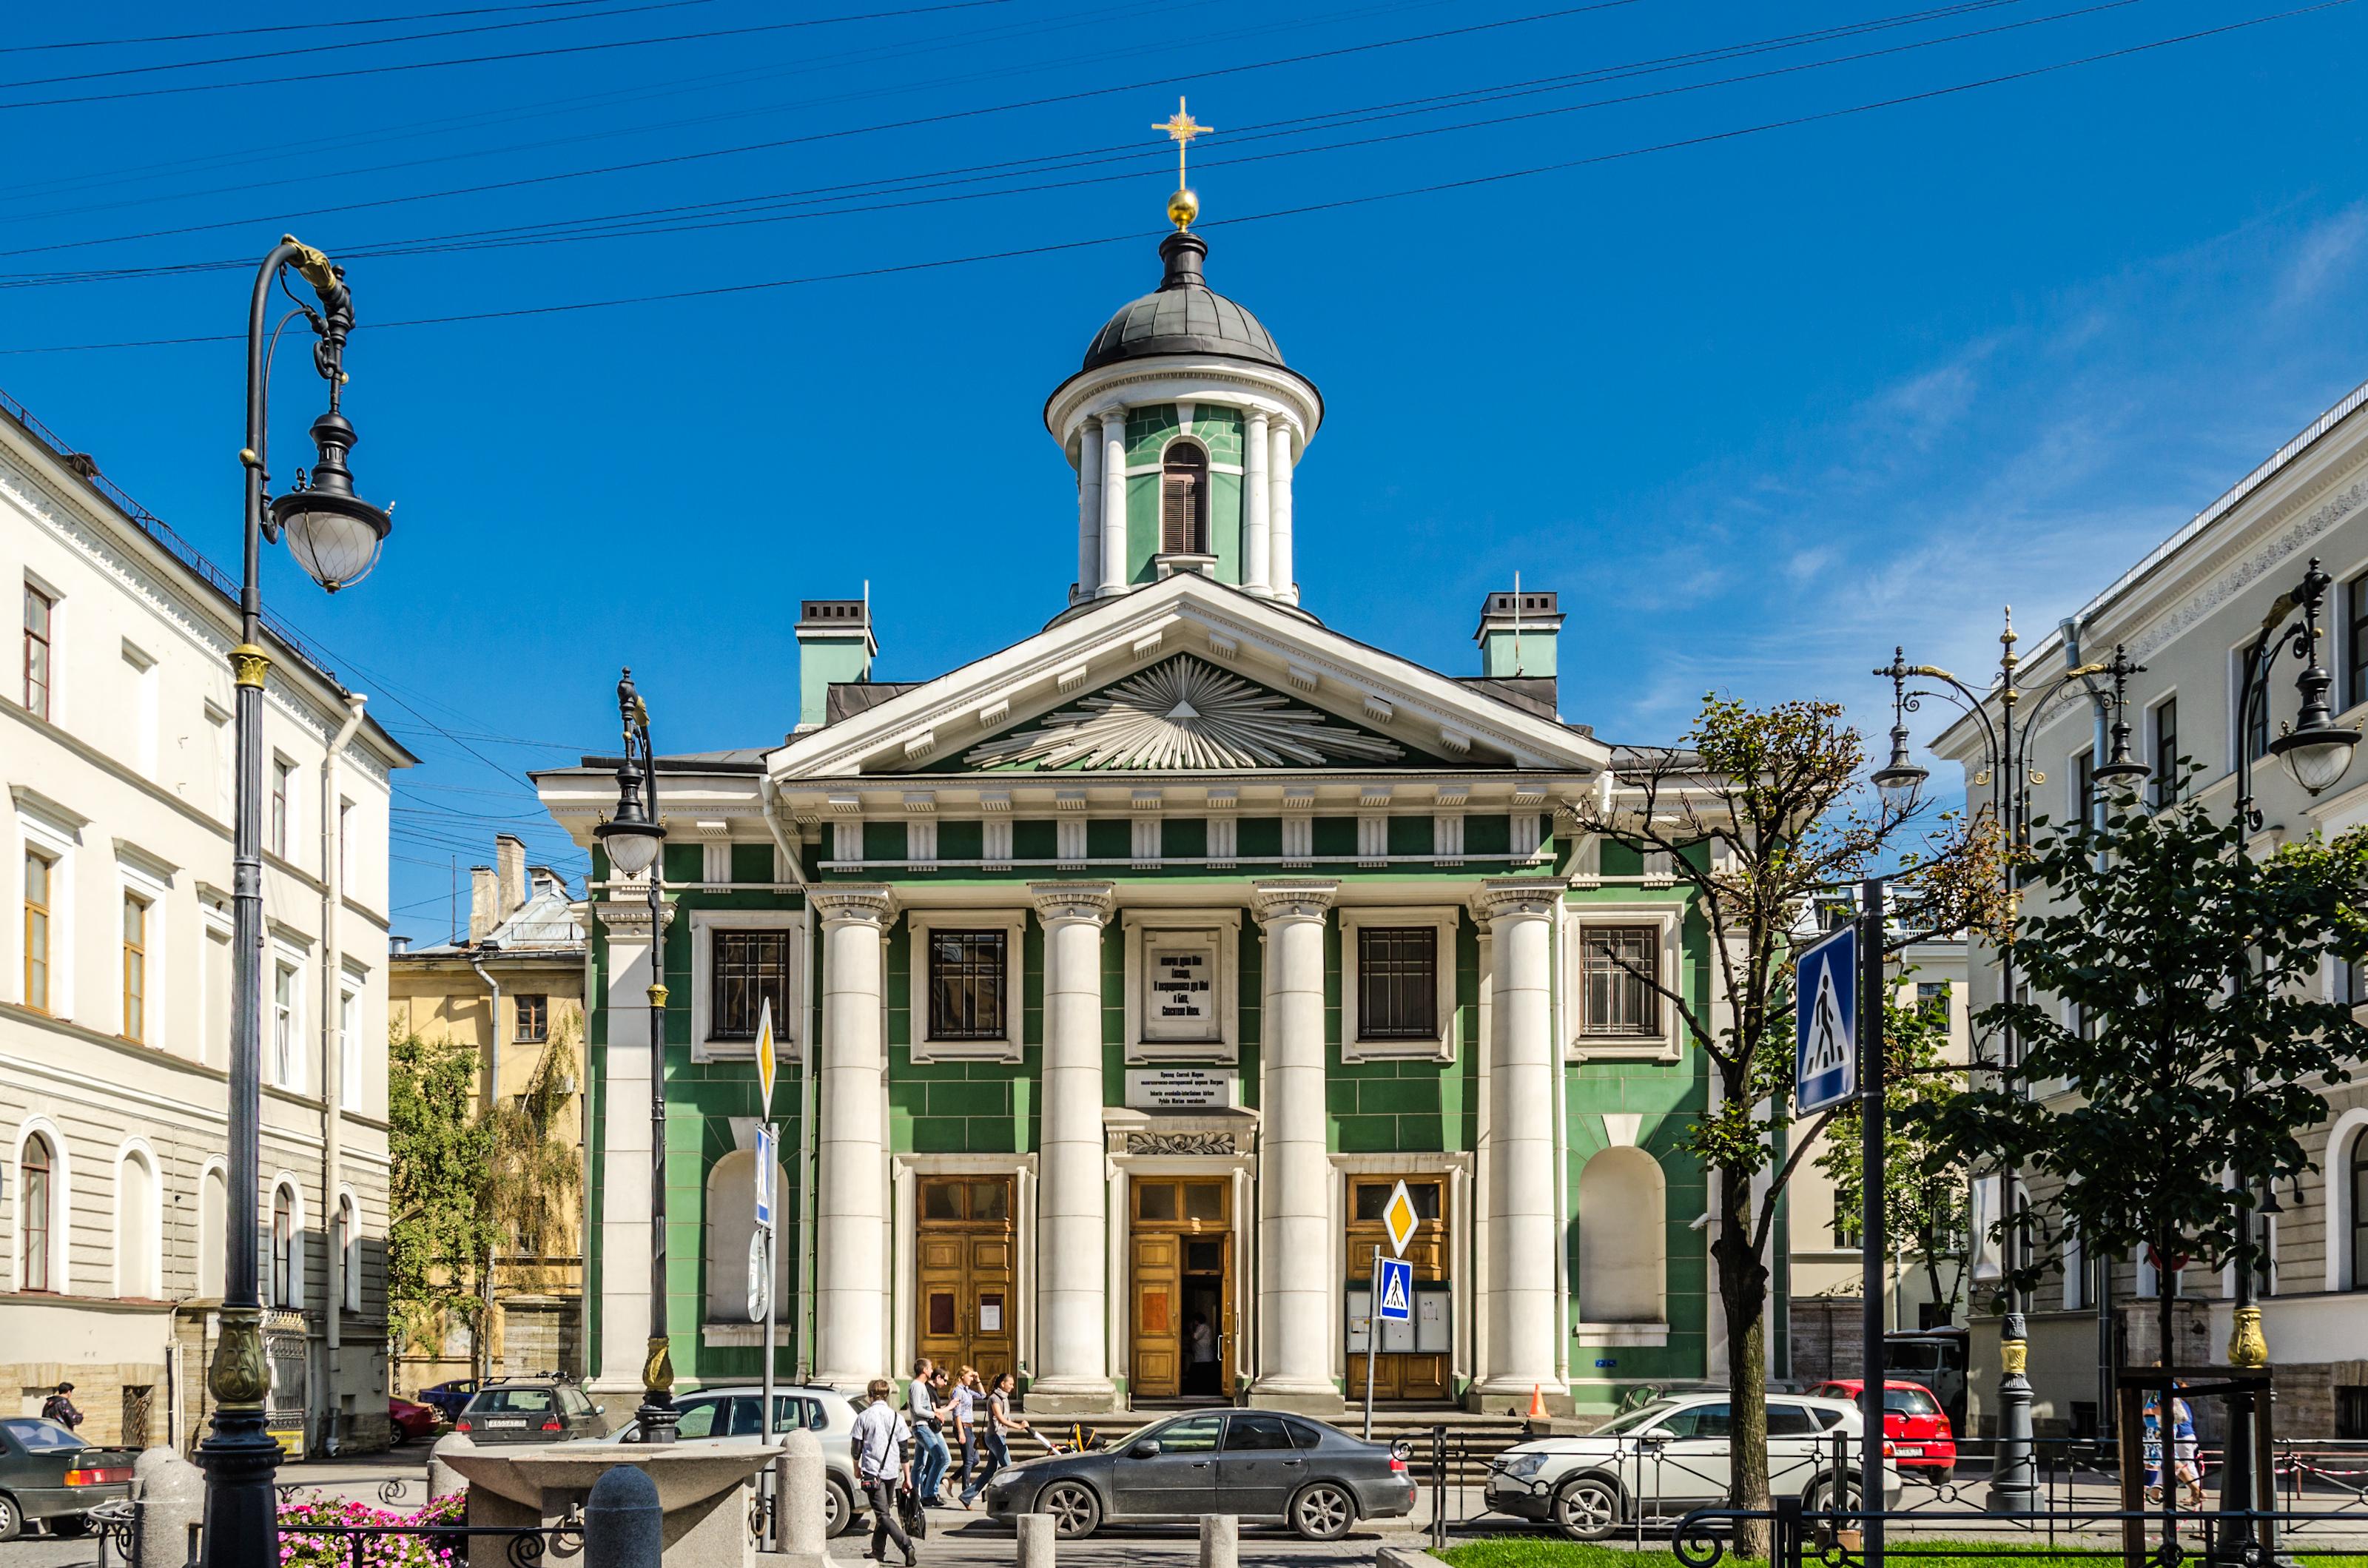 Финская церковь Святой Марии (Санкт-Петербург) — Википедия